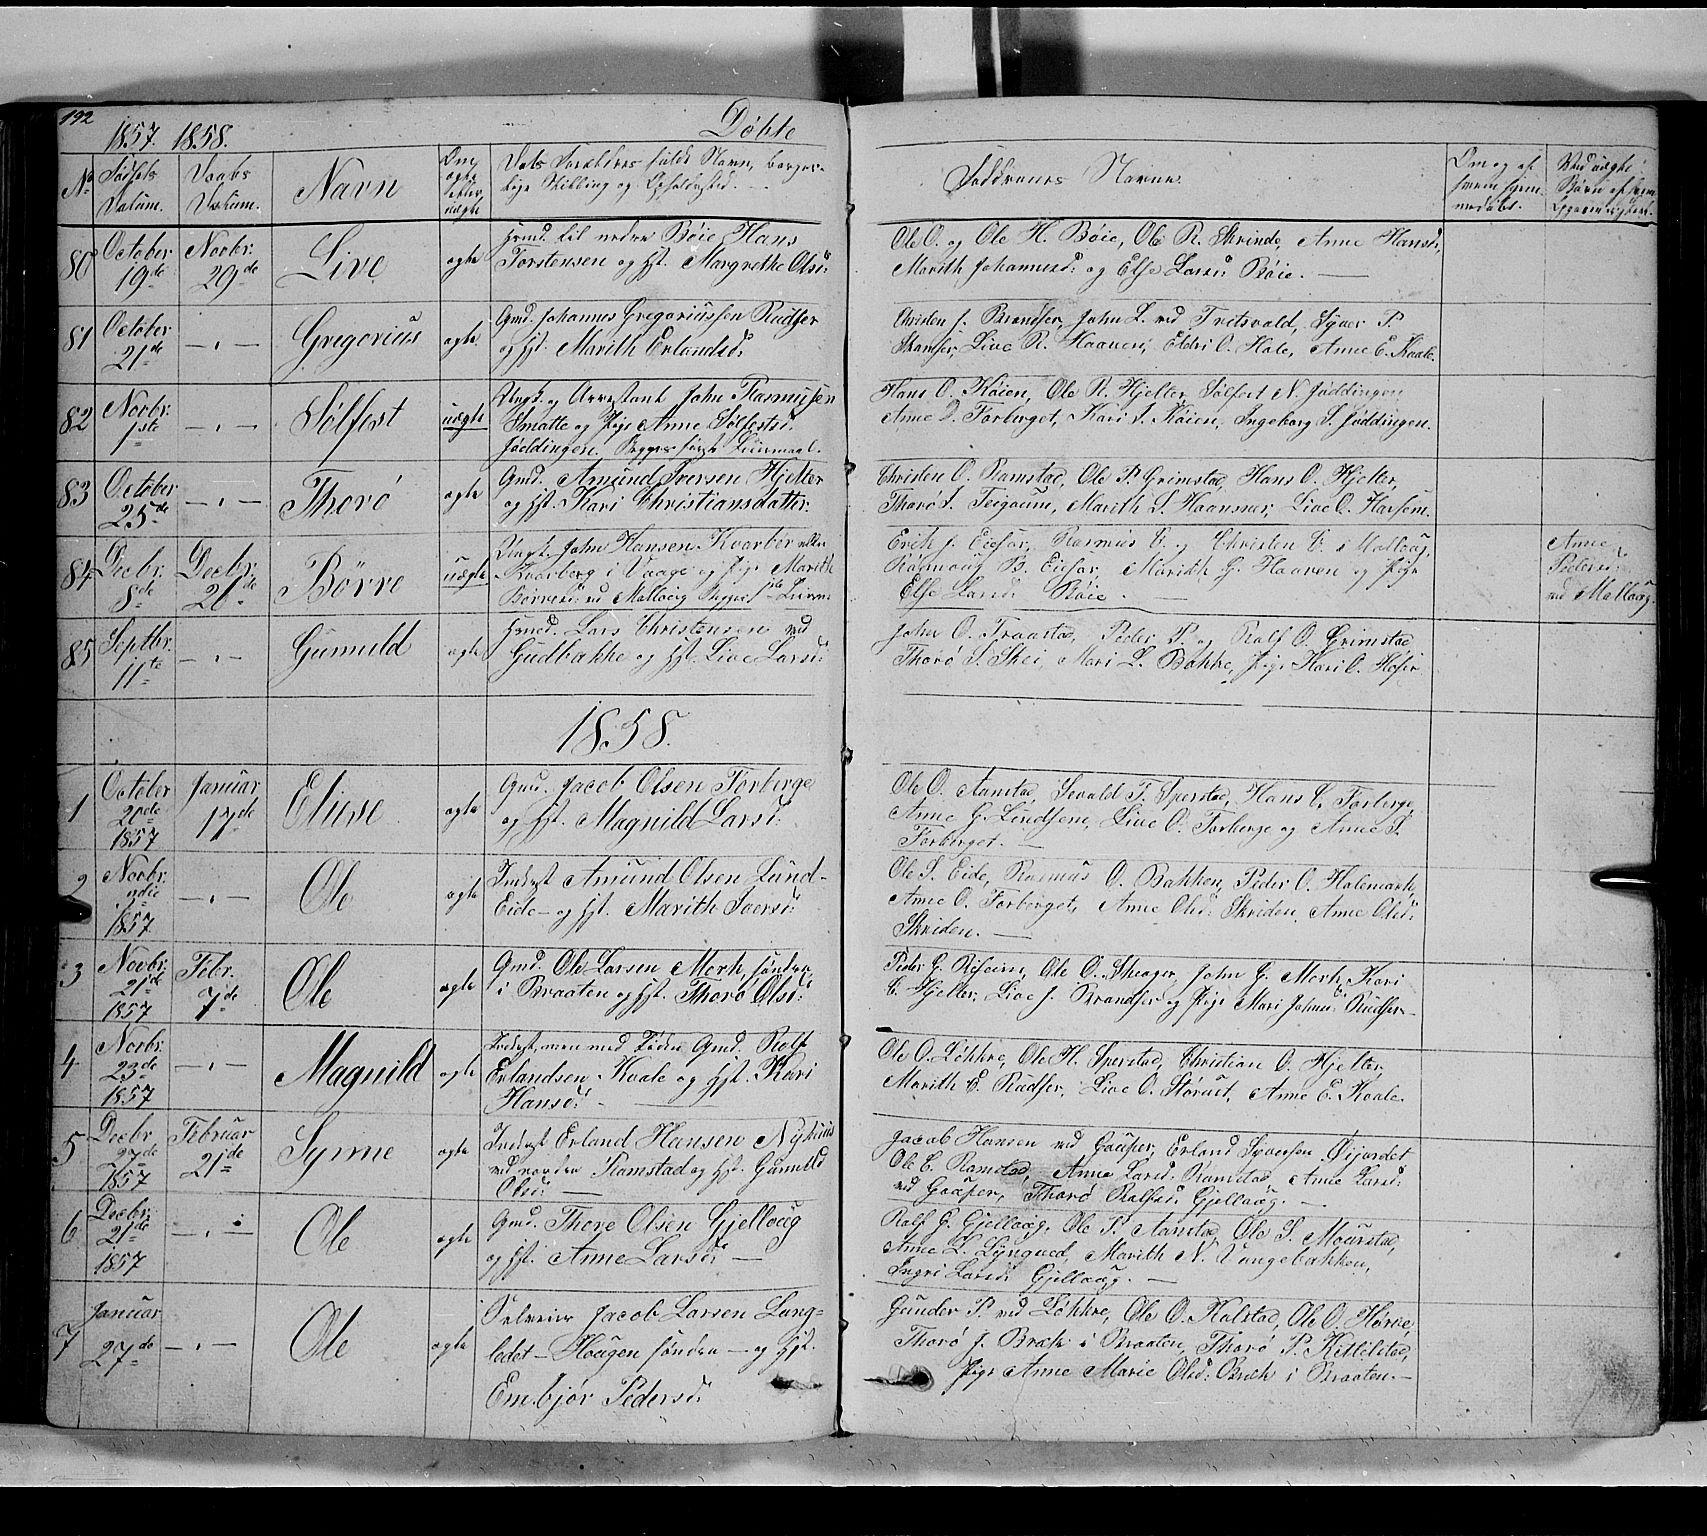 SAH, Lom prestekontor, L/L0004: Klokkerbok nr. 4, 1845-1864, s. 192-193